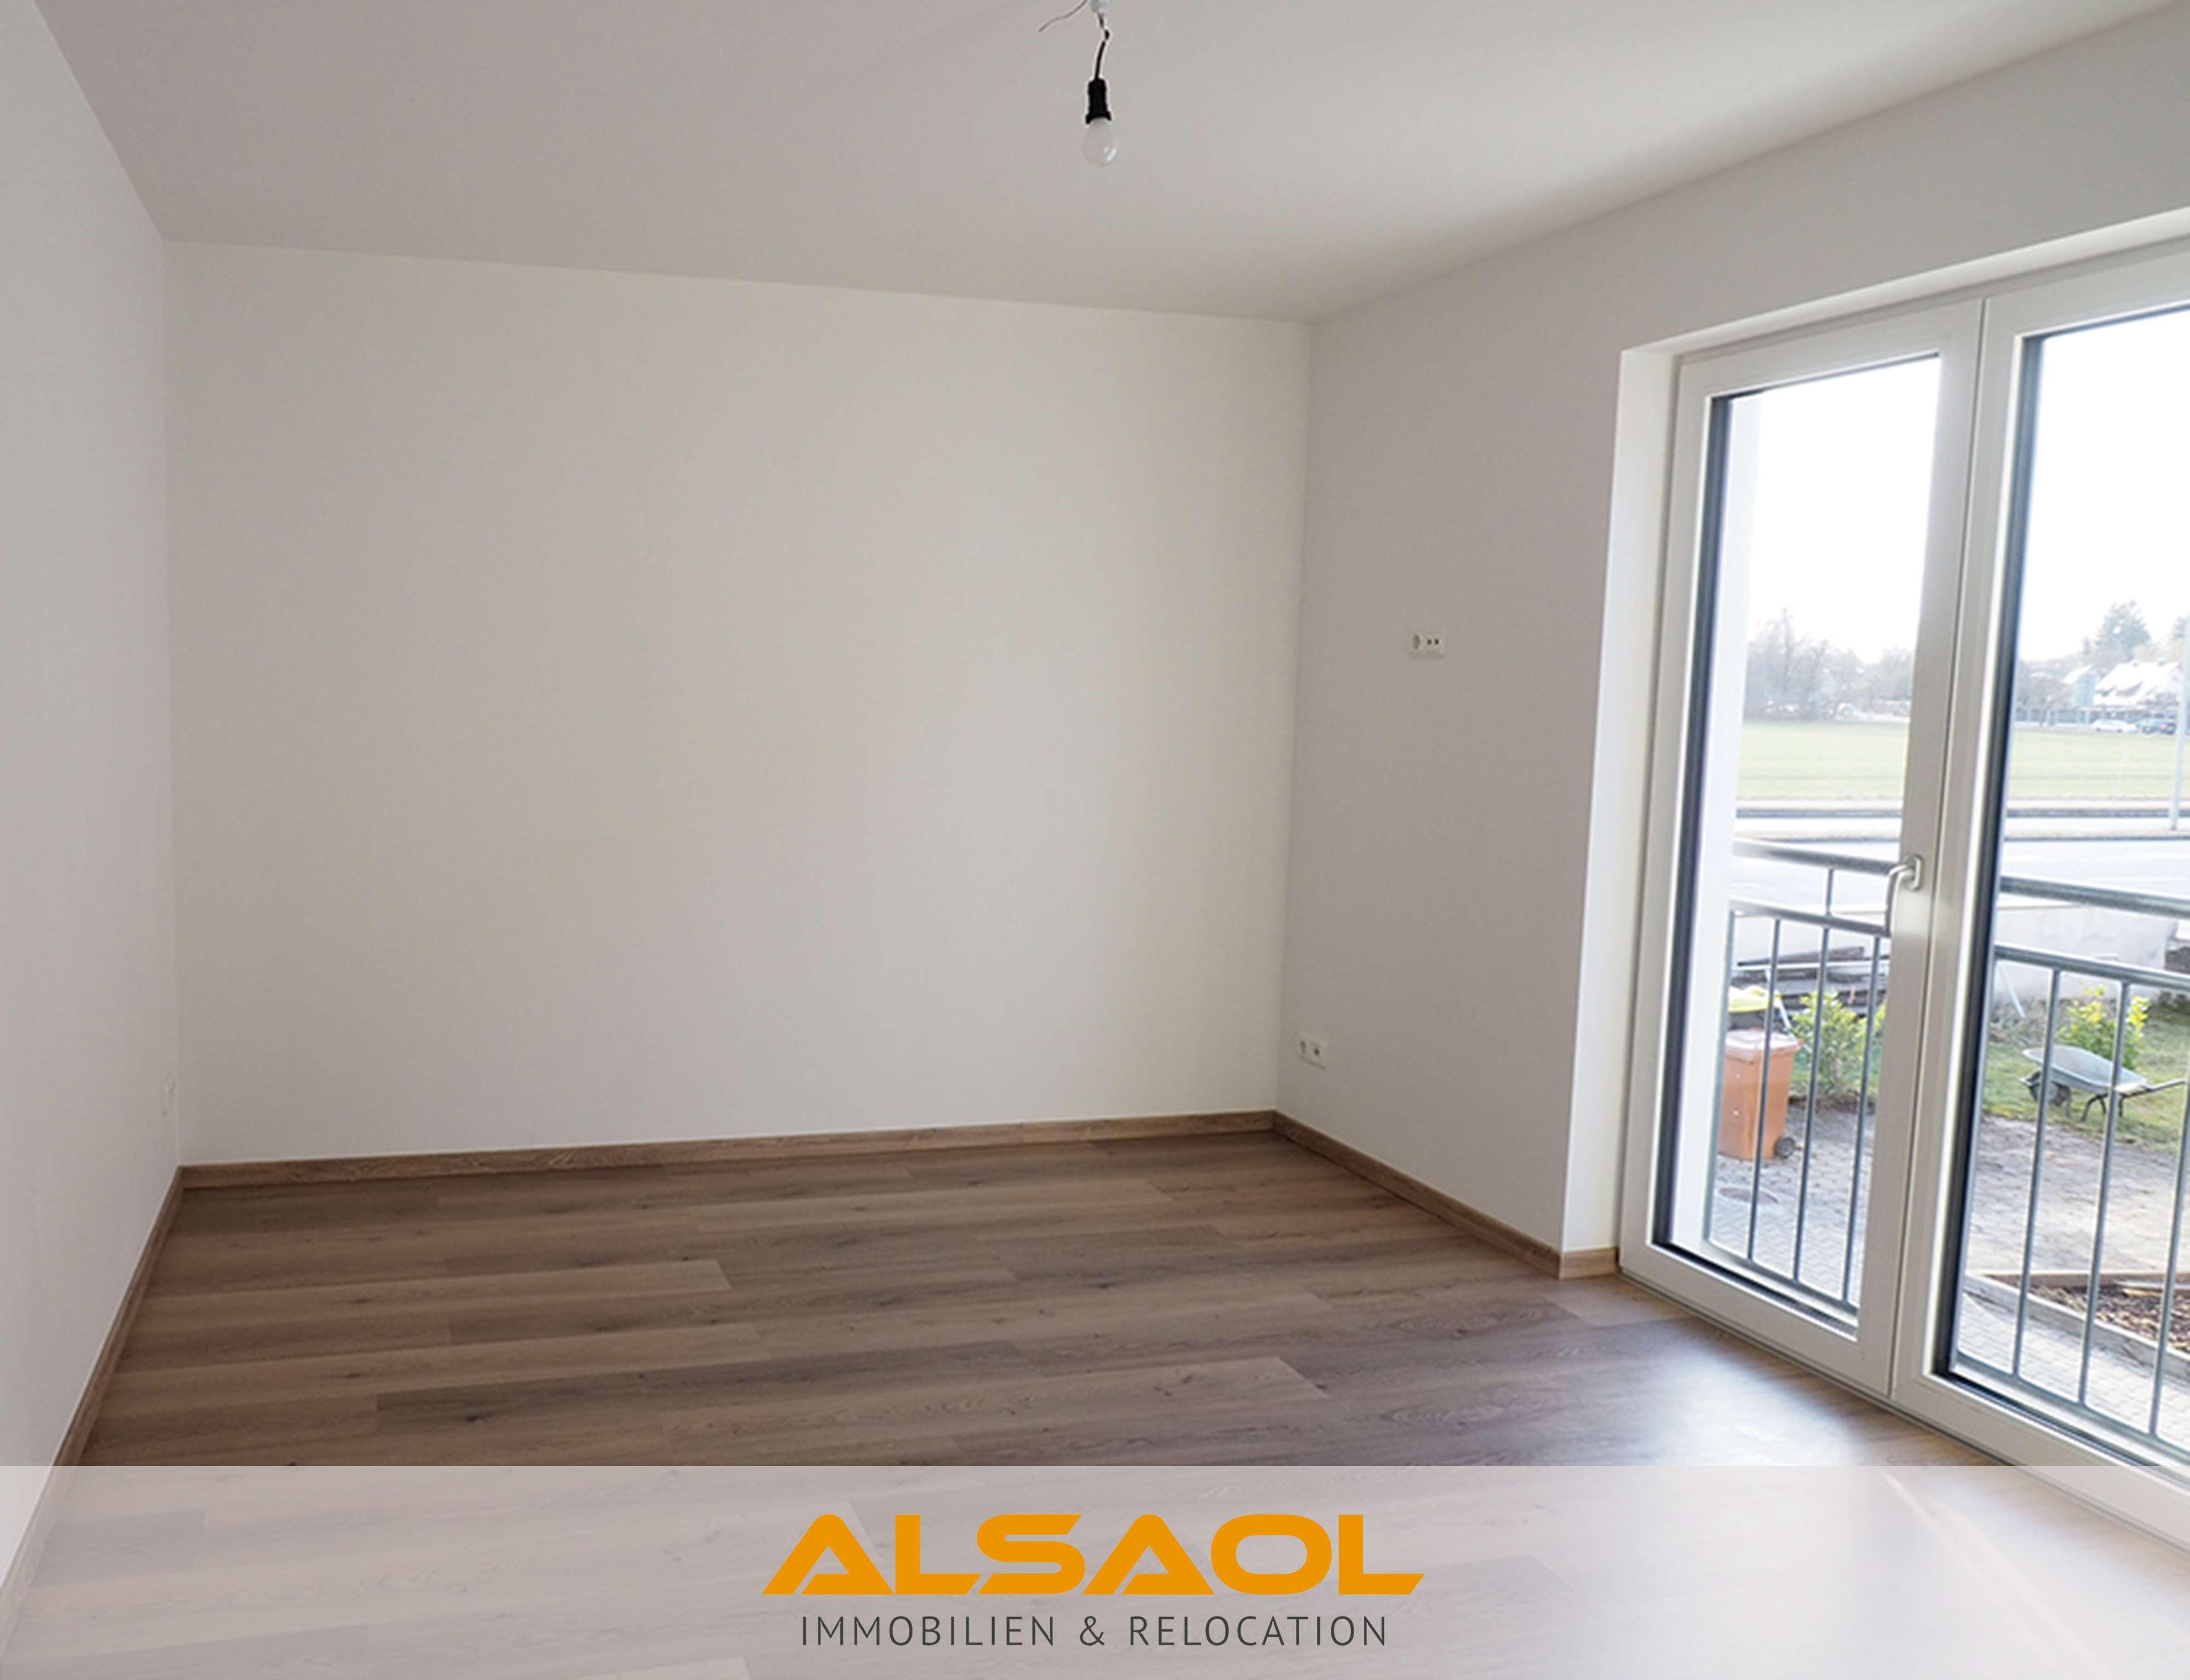 ALSAOL Immobilien: Erstbezug - schönes 1-Zimmer-Apartment mit Einbauküche und Tiefgarage! in Haar (München)